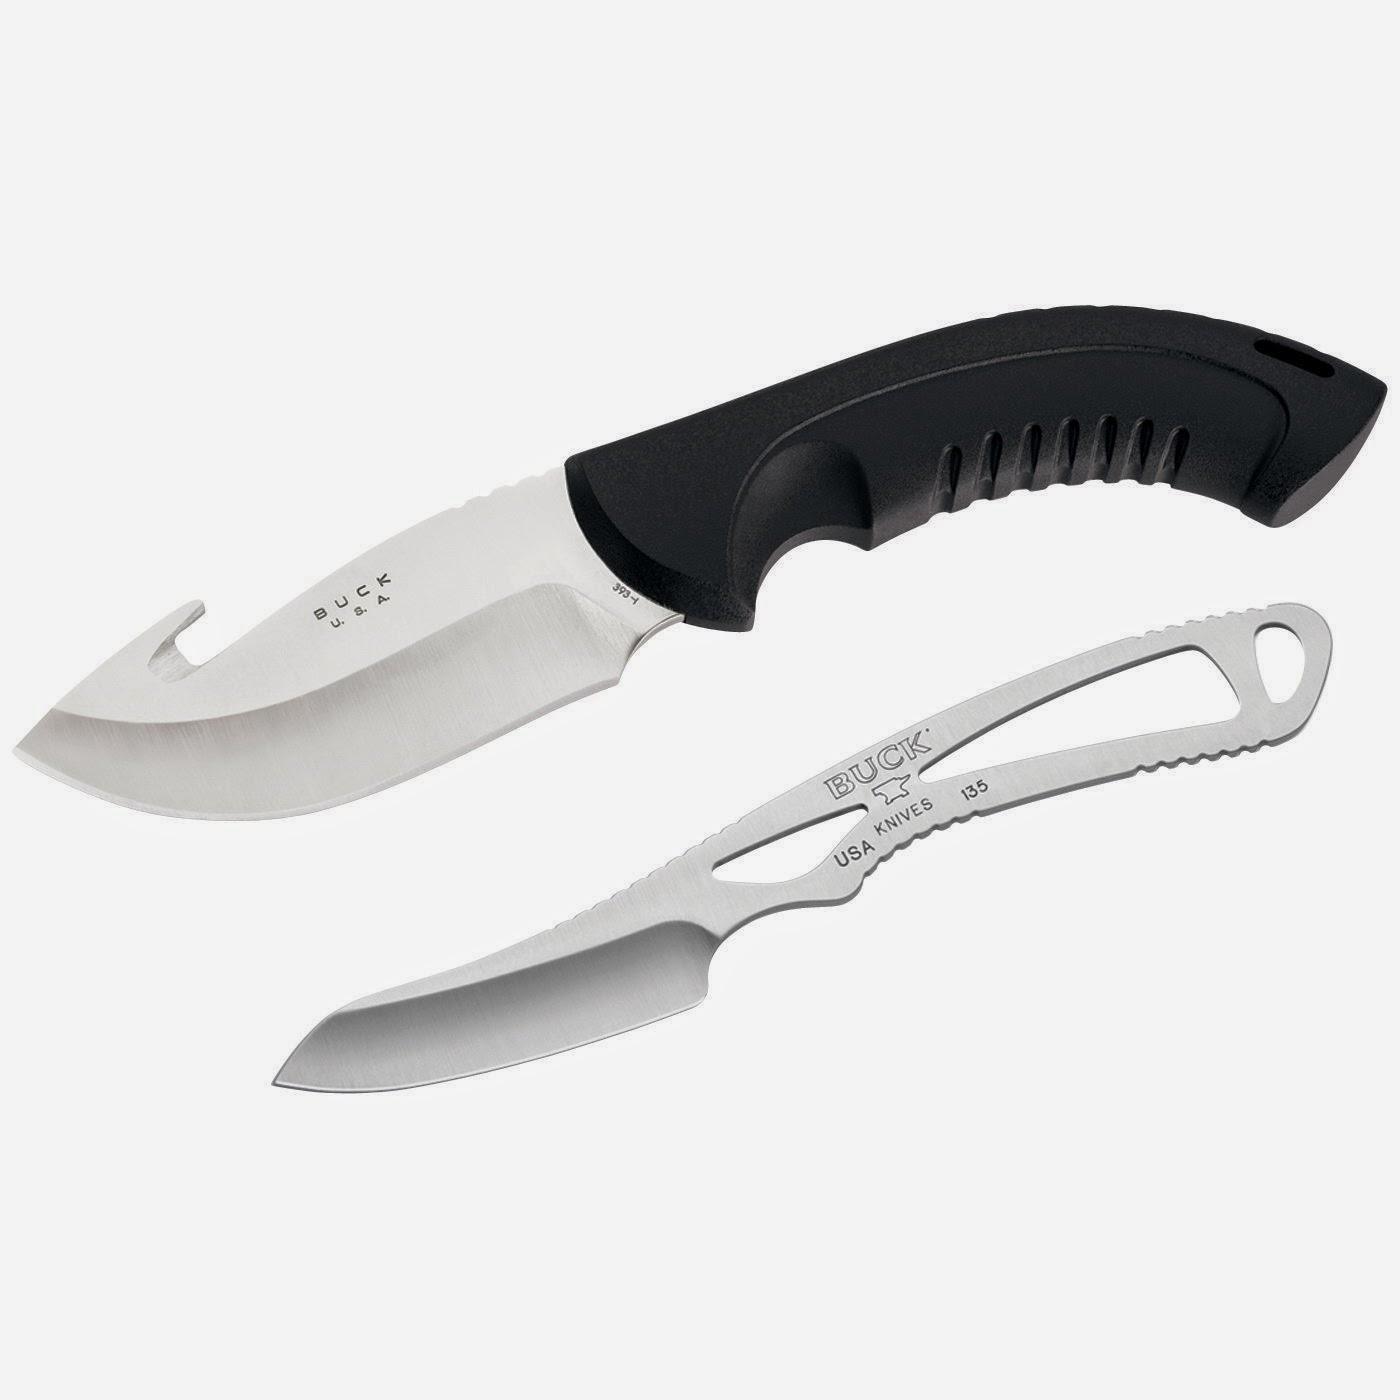 comment choisir le meilleur couteau de chasse couteaux de survie